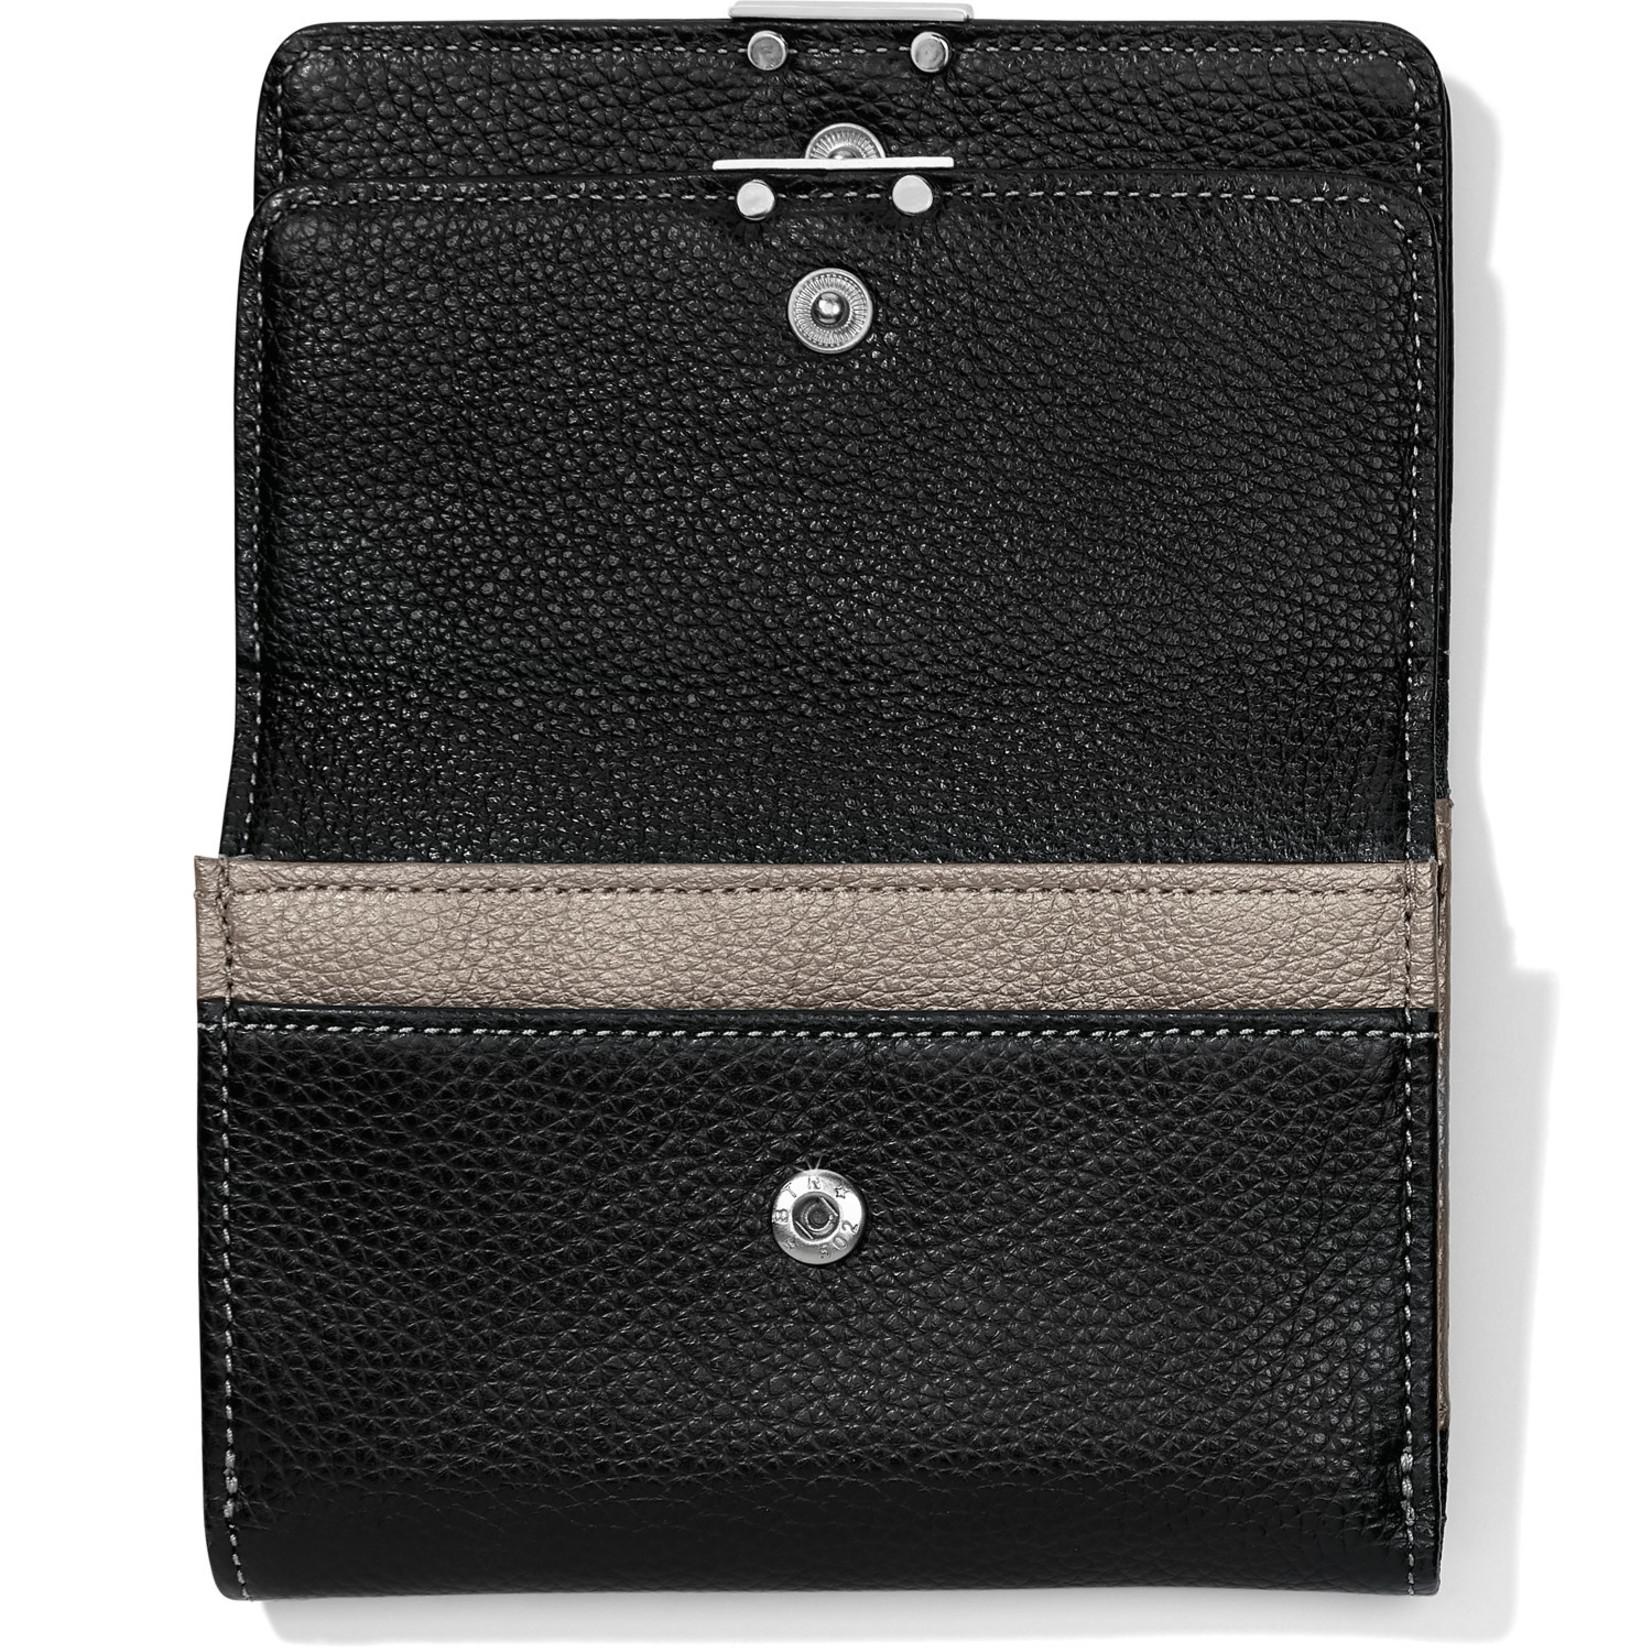 Brighton Barbados Double Flap Medium Wallet Black Multi